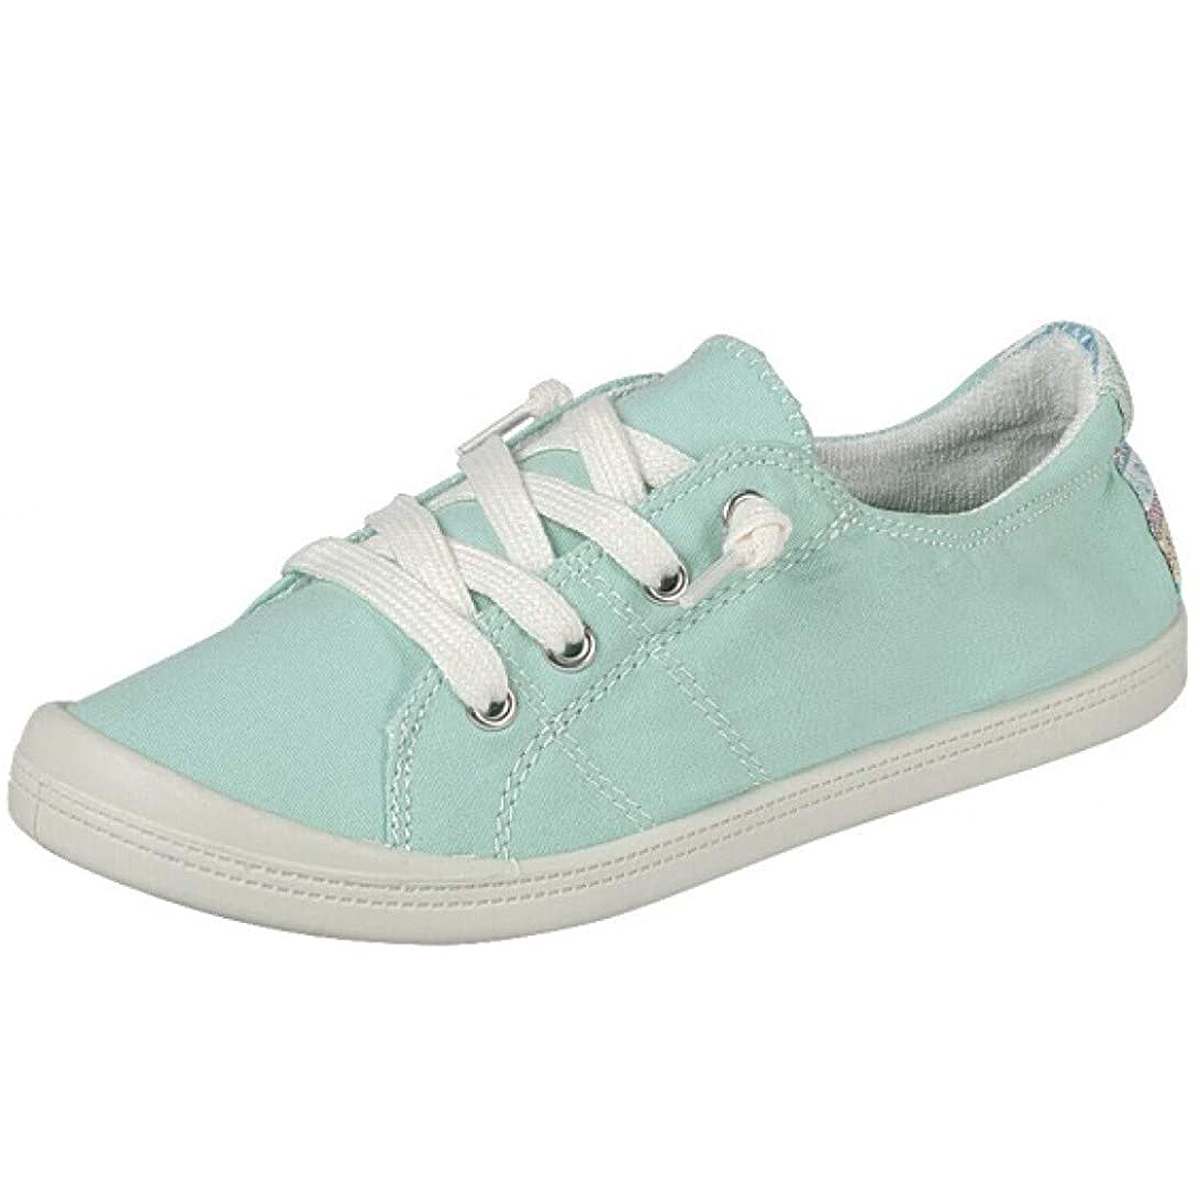 Forever Link Women's Classic Slip-On Comfort Fashion Sneaker